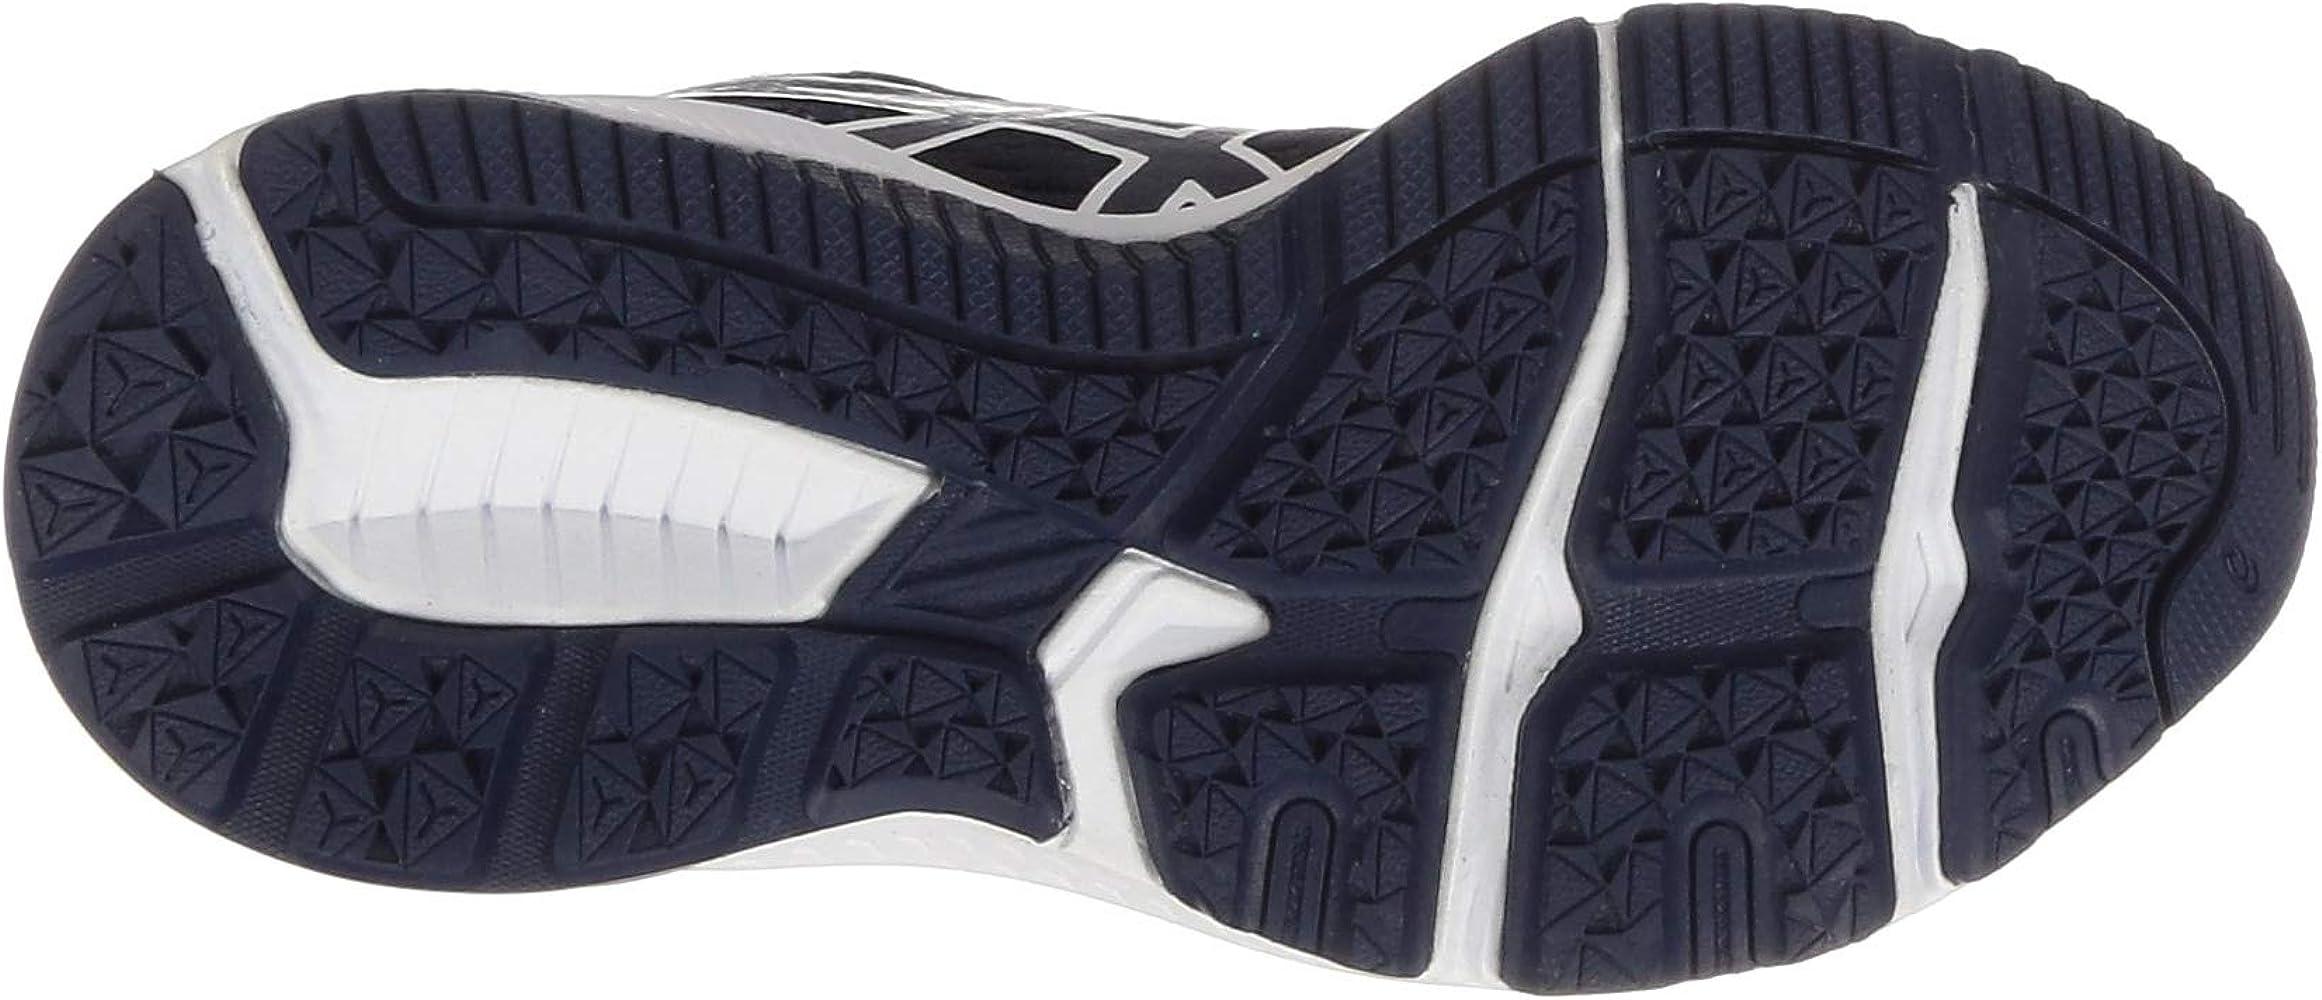 asics gt-1000 ps junior running shoes japan